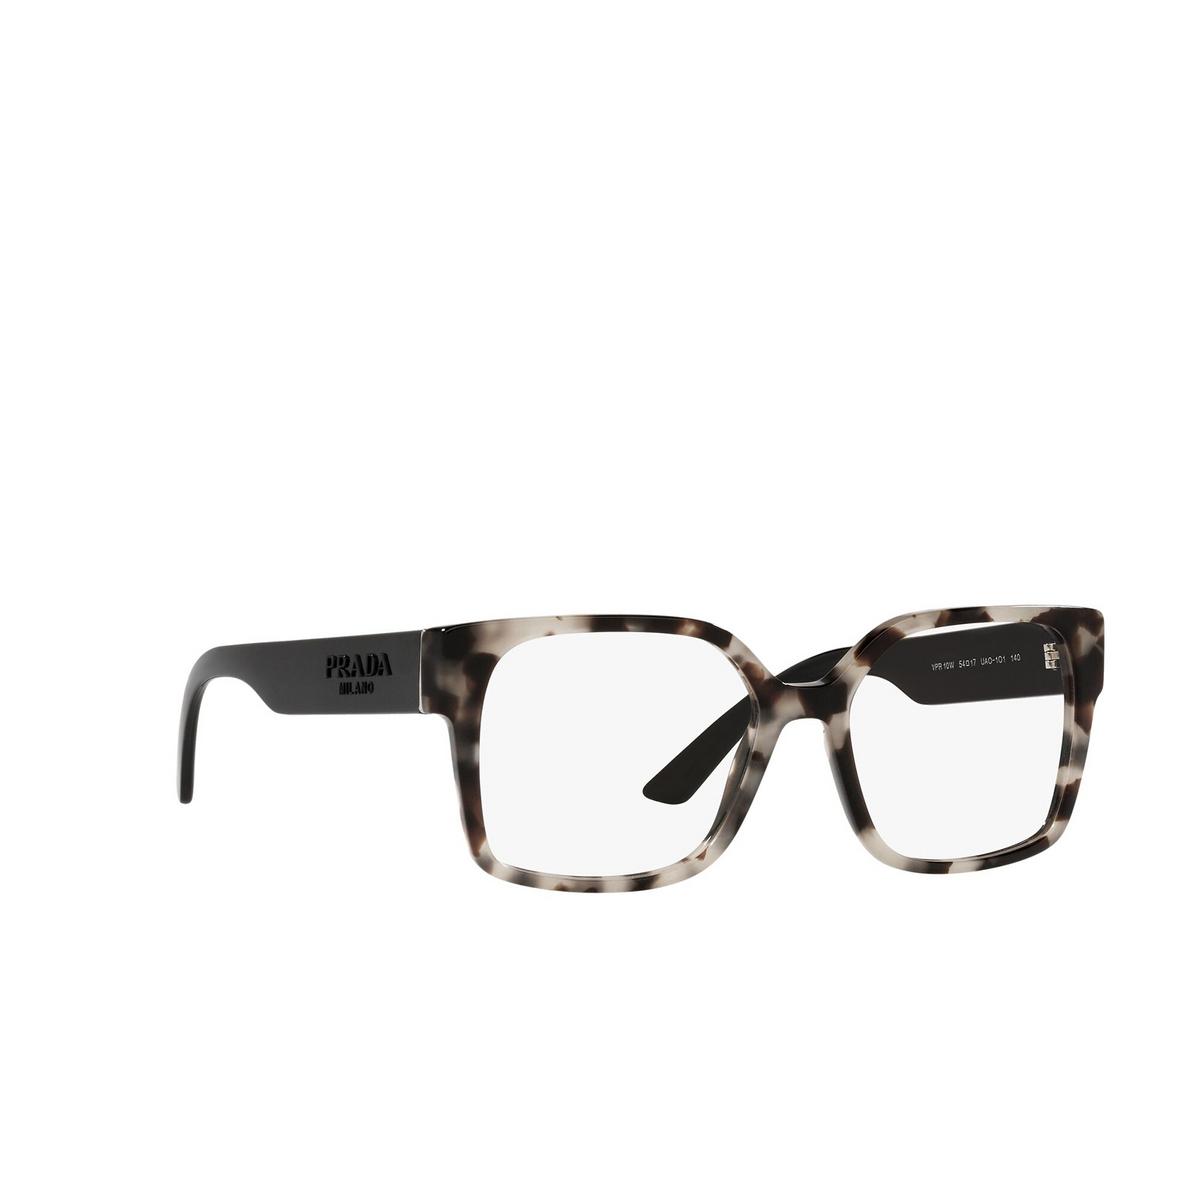 Prada® Square Eyeglasses: PR 10WV color Talc Tortoise UAO1O1 - three-quarters view.